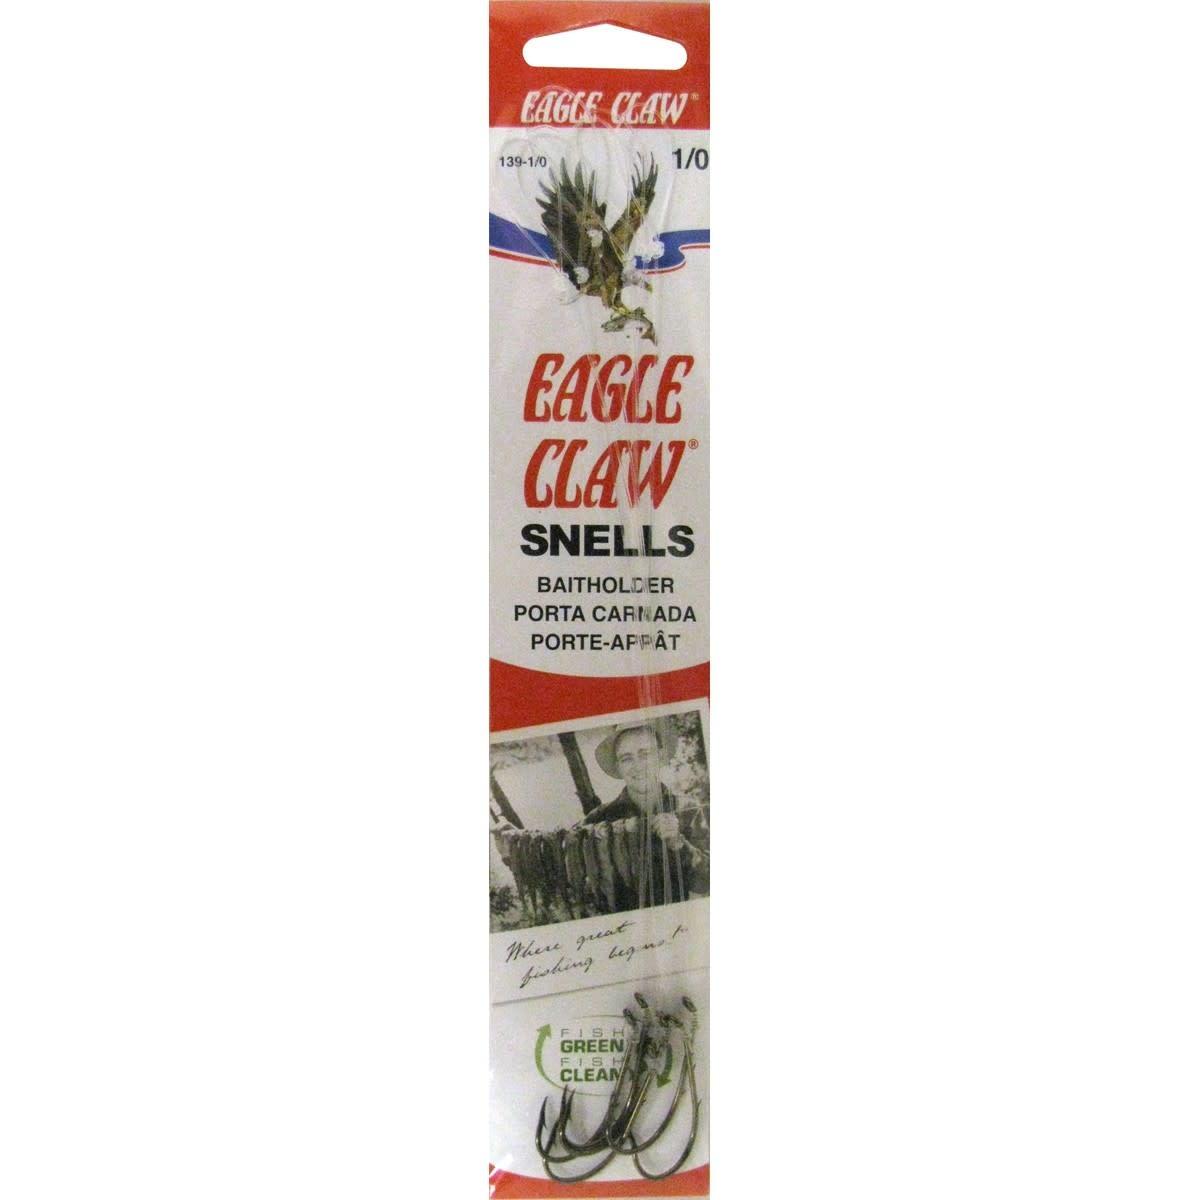 Eagle Claw Eagle Claw Snelled Baitholder Hooks